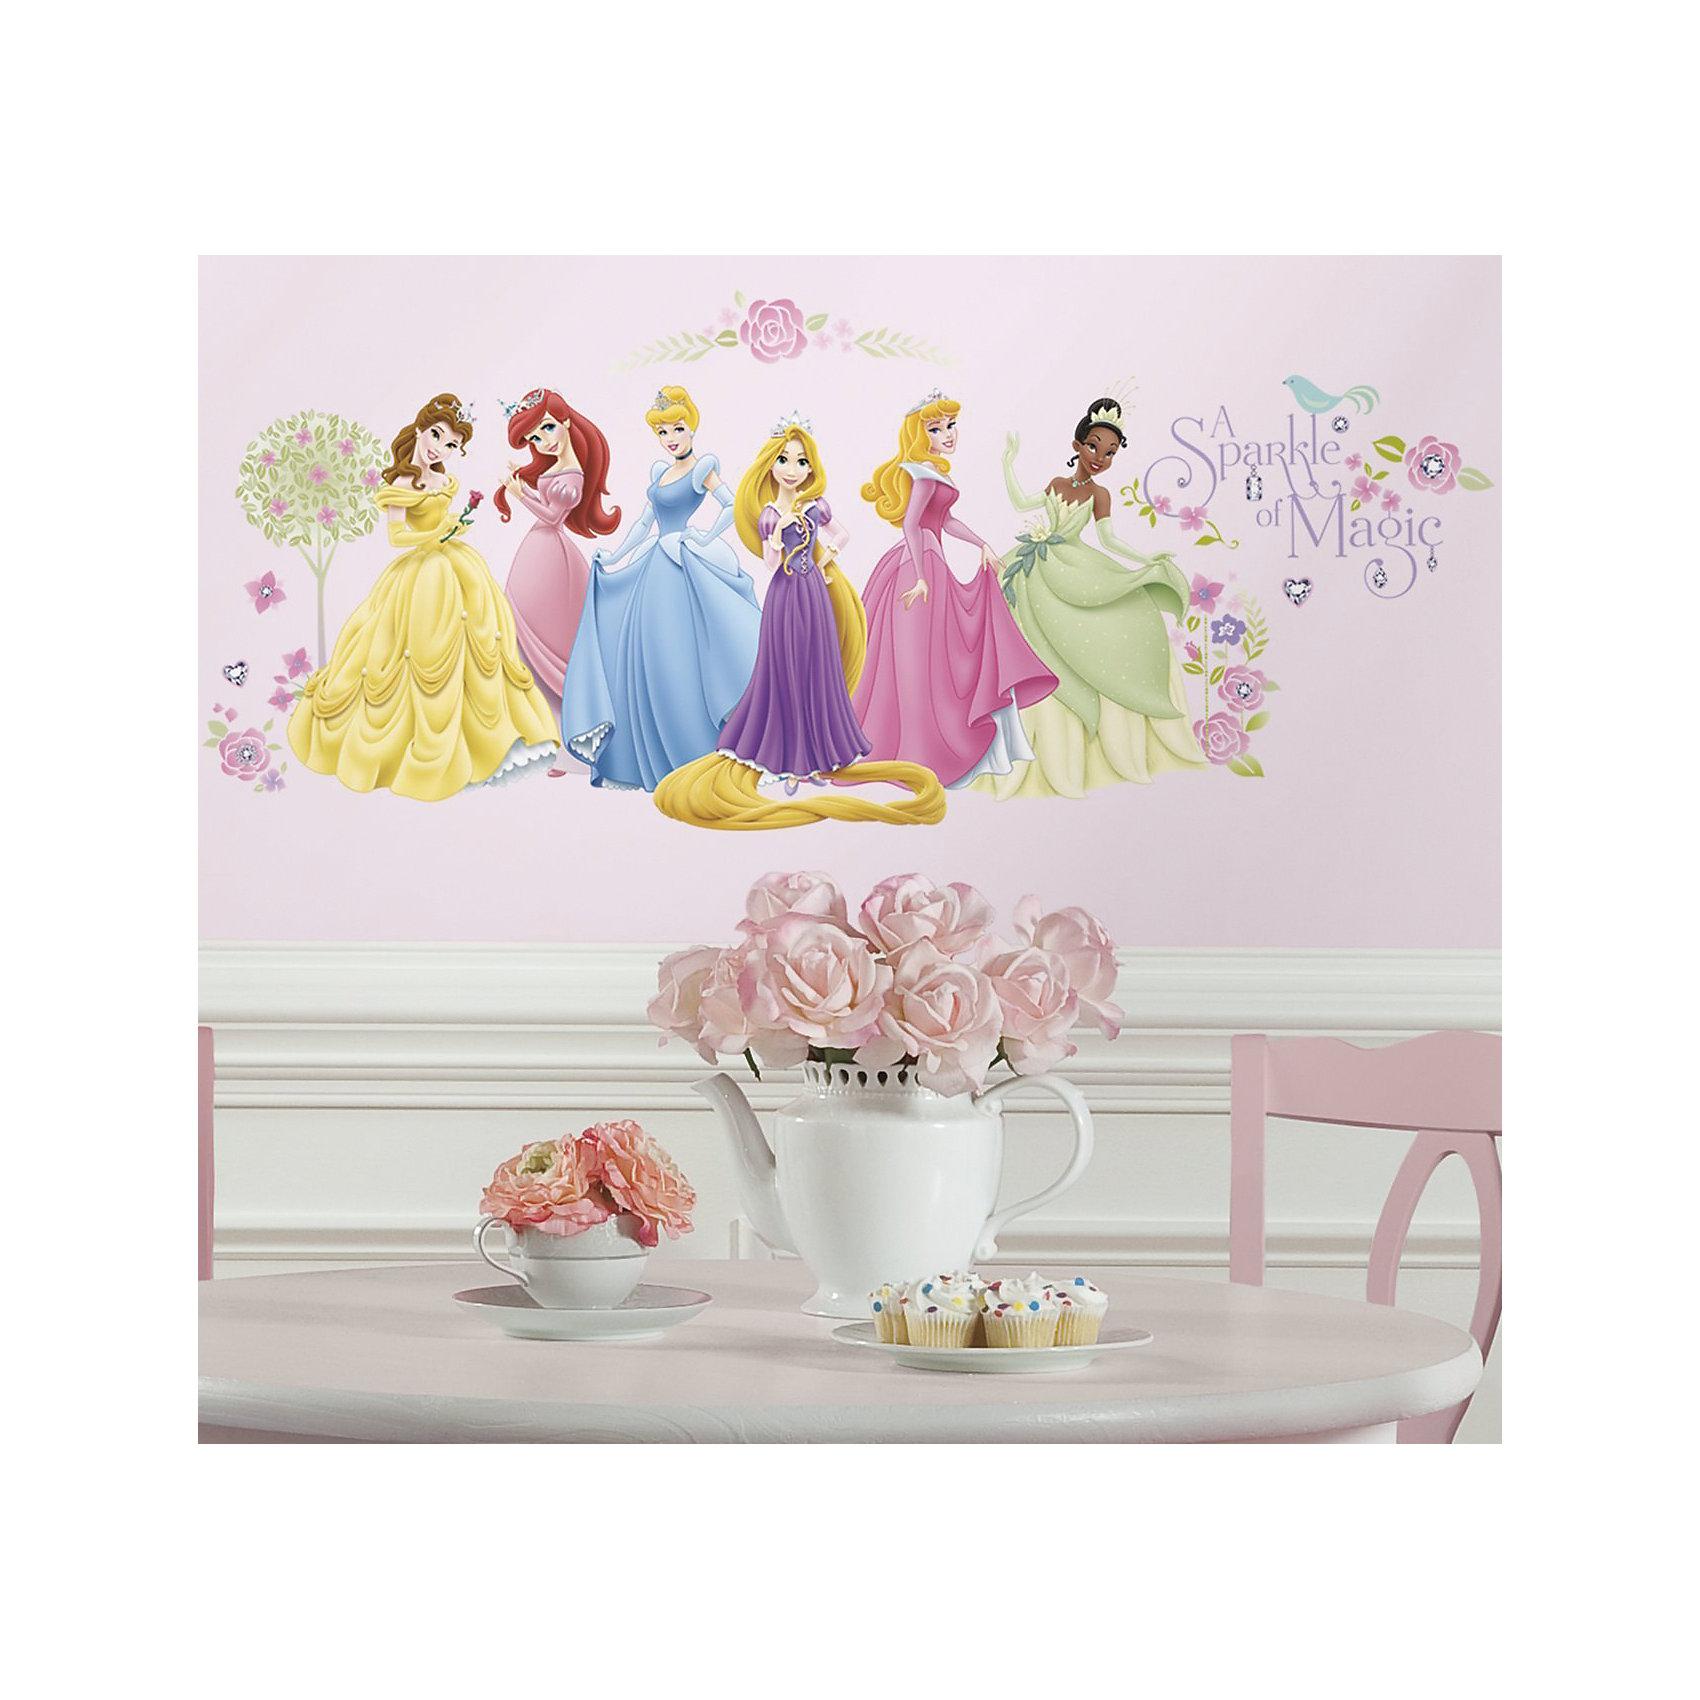 Наклейки для декора Принцессы Дисней (персонажи)Наклейки для декора Принцессы Дисней, RoomMates, замечательно подойдут для украшения Вашего интерьера, детской комнаты, спальни или мебели. В комплект входят наклейки с изображениями волшебных принцесс из популярных диснеевских мультфильмов (всего в наборе 36 наклеек). Наклейки просты в применении и подходят для многоразового использования. Освободите выбранный рисунок от защитного слоя и приклейте на стену или любую другую плоскую гладкую поверхность. Стикеры легко отклеиваются и не оставляют липких следов на поверхности. Яркие наклейки с любимыми героинями будут радовать Вашу девочку и создавать атмосферу домашнего уюта.<br><br>Дополнительная информация:<br><br>- В комплекте: 4 листа наклеек (всего 36 наклеек).<br>- Материал: винил.<br>- Размер упаковки: 29,21 х 12,7 х 2,54 см. <br>- Вес: 141 гр. <br><br>Наклейки для декора Принцессы Дисней (персонажи), RoomMates, можно купить в нашем интернет-магазине.<br><br>Ширина мм: 292<br>Глубина мм: 127<br>Высота мм: 26<br>Вес г: 140<br>Возраст от месяцев: 36<br>Возраст до месяцев: 144<br>Пол: Женский<br>Возраст: Детский<br>SKU: 4652189